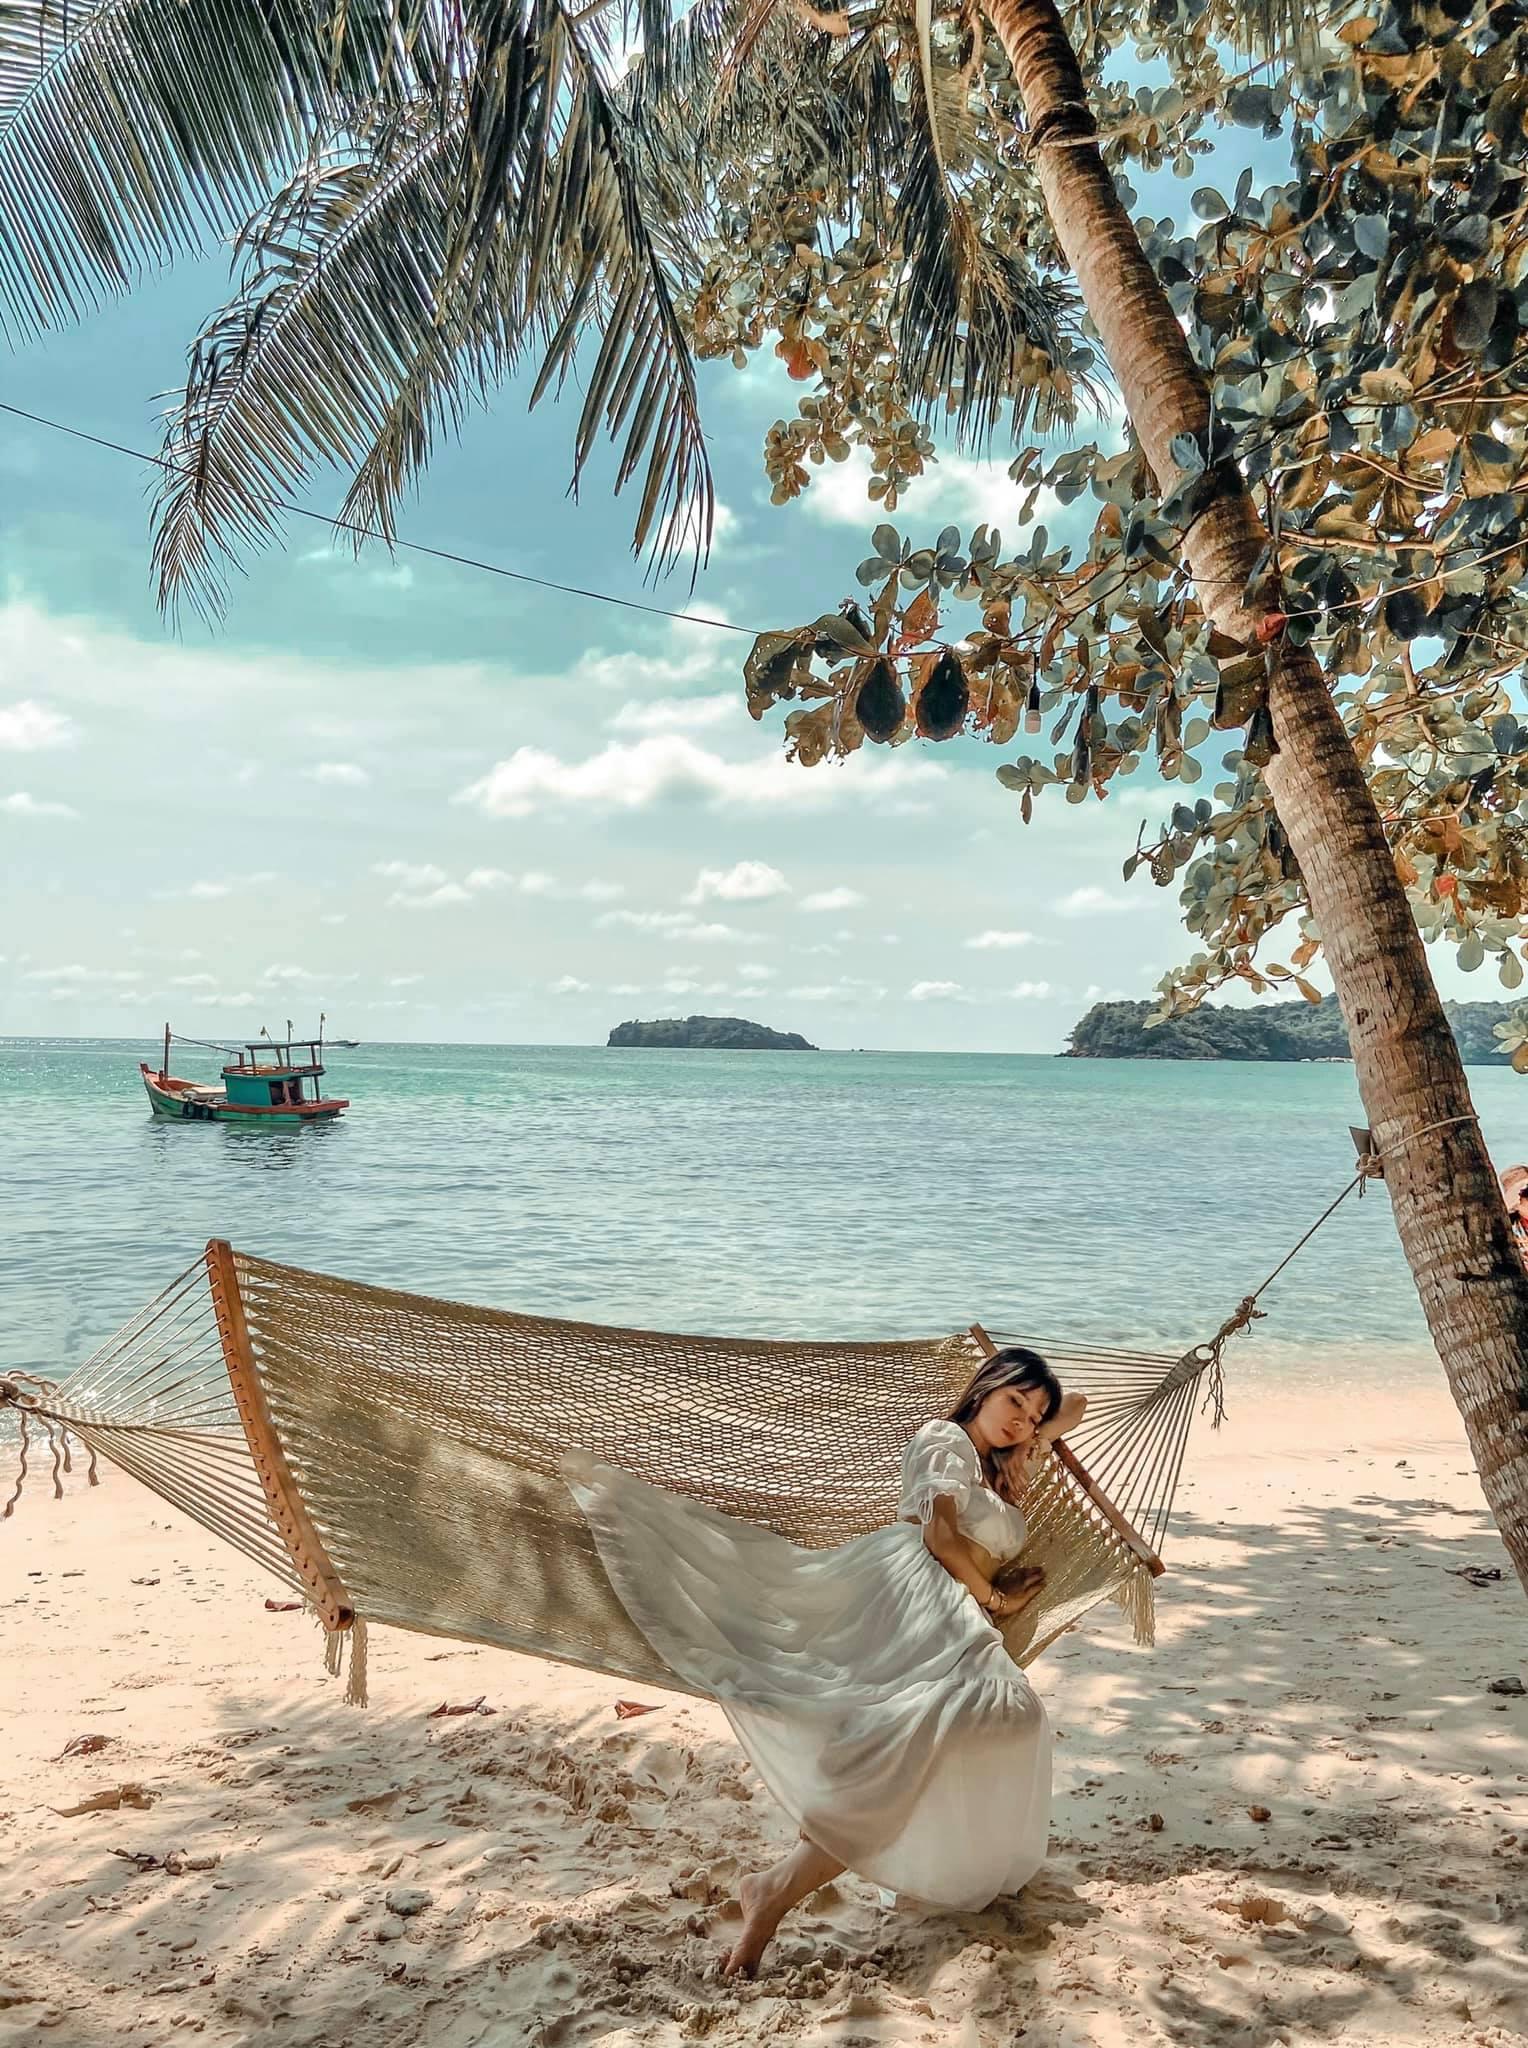 Review Tour 4 đảo Phú Quốc – Chỉ hơn 1 triệu/ người, đừng bỏ qua tiếc lắm nha